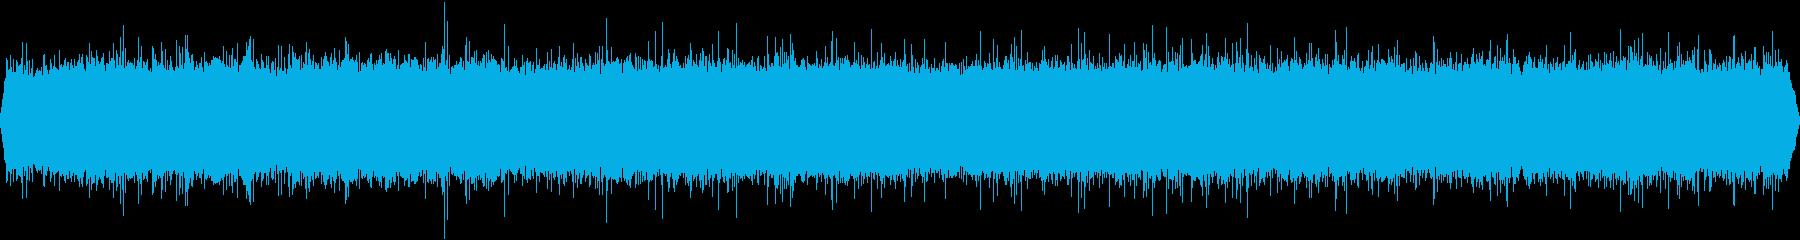 滝、ラピッド、水; DIGIFFE...の再生済みの波形